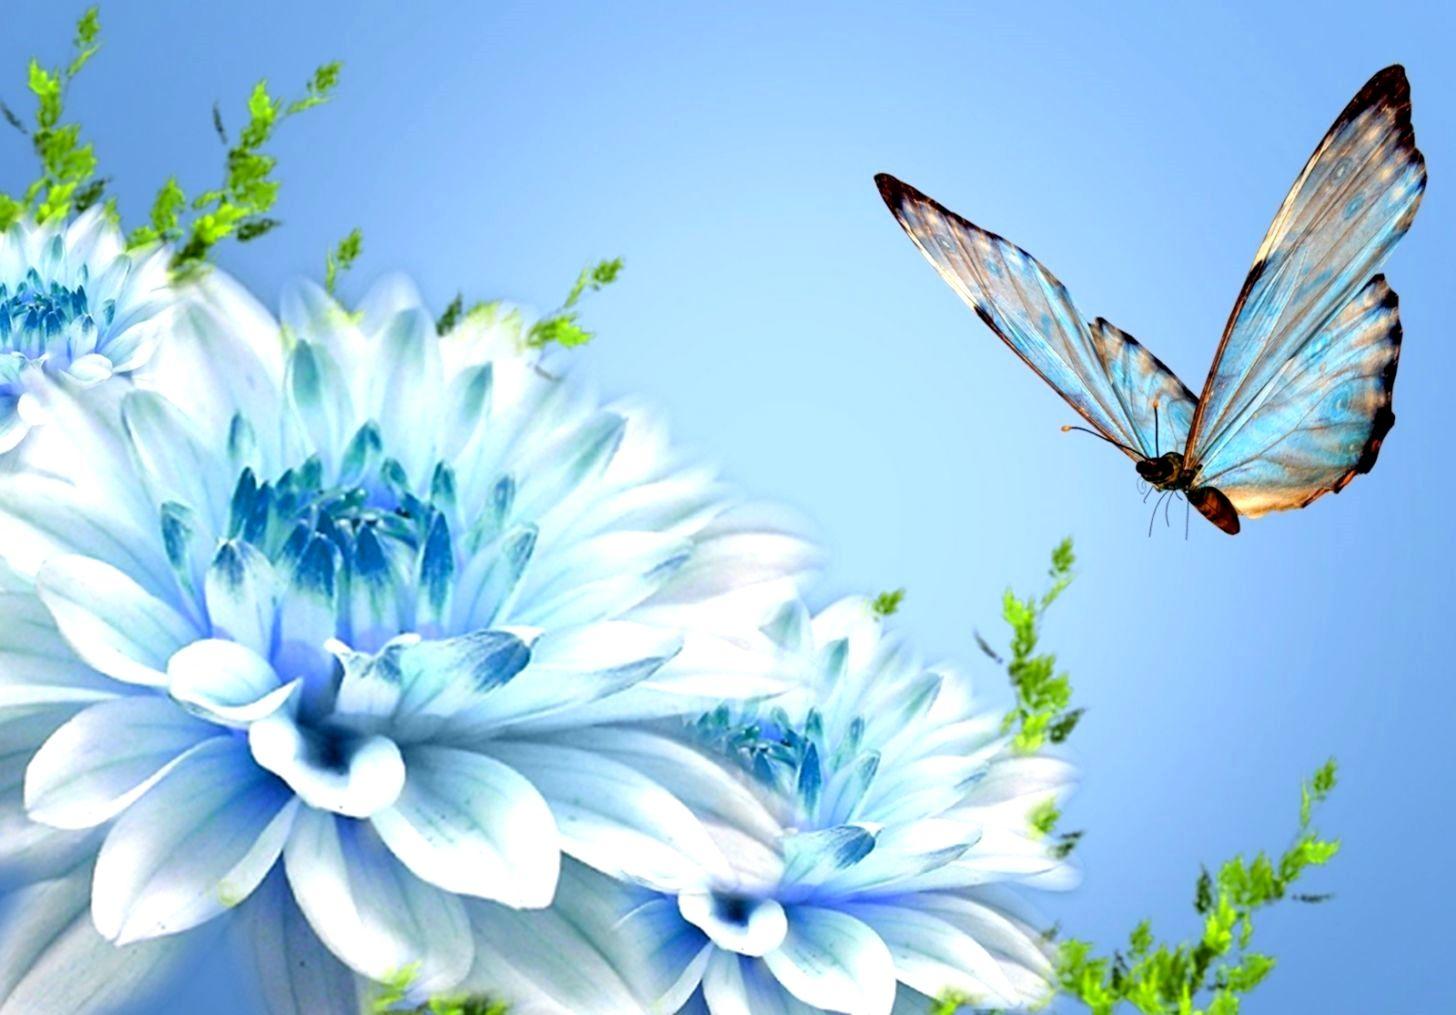 Nature Butterfly 4k Wallpaper Gallery Dengan Gambar